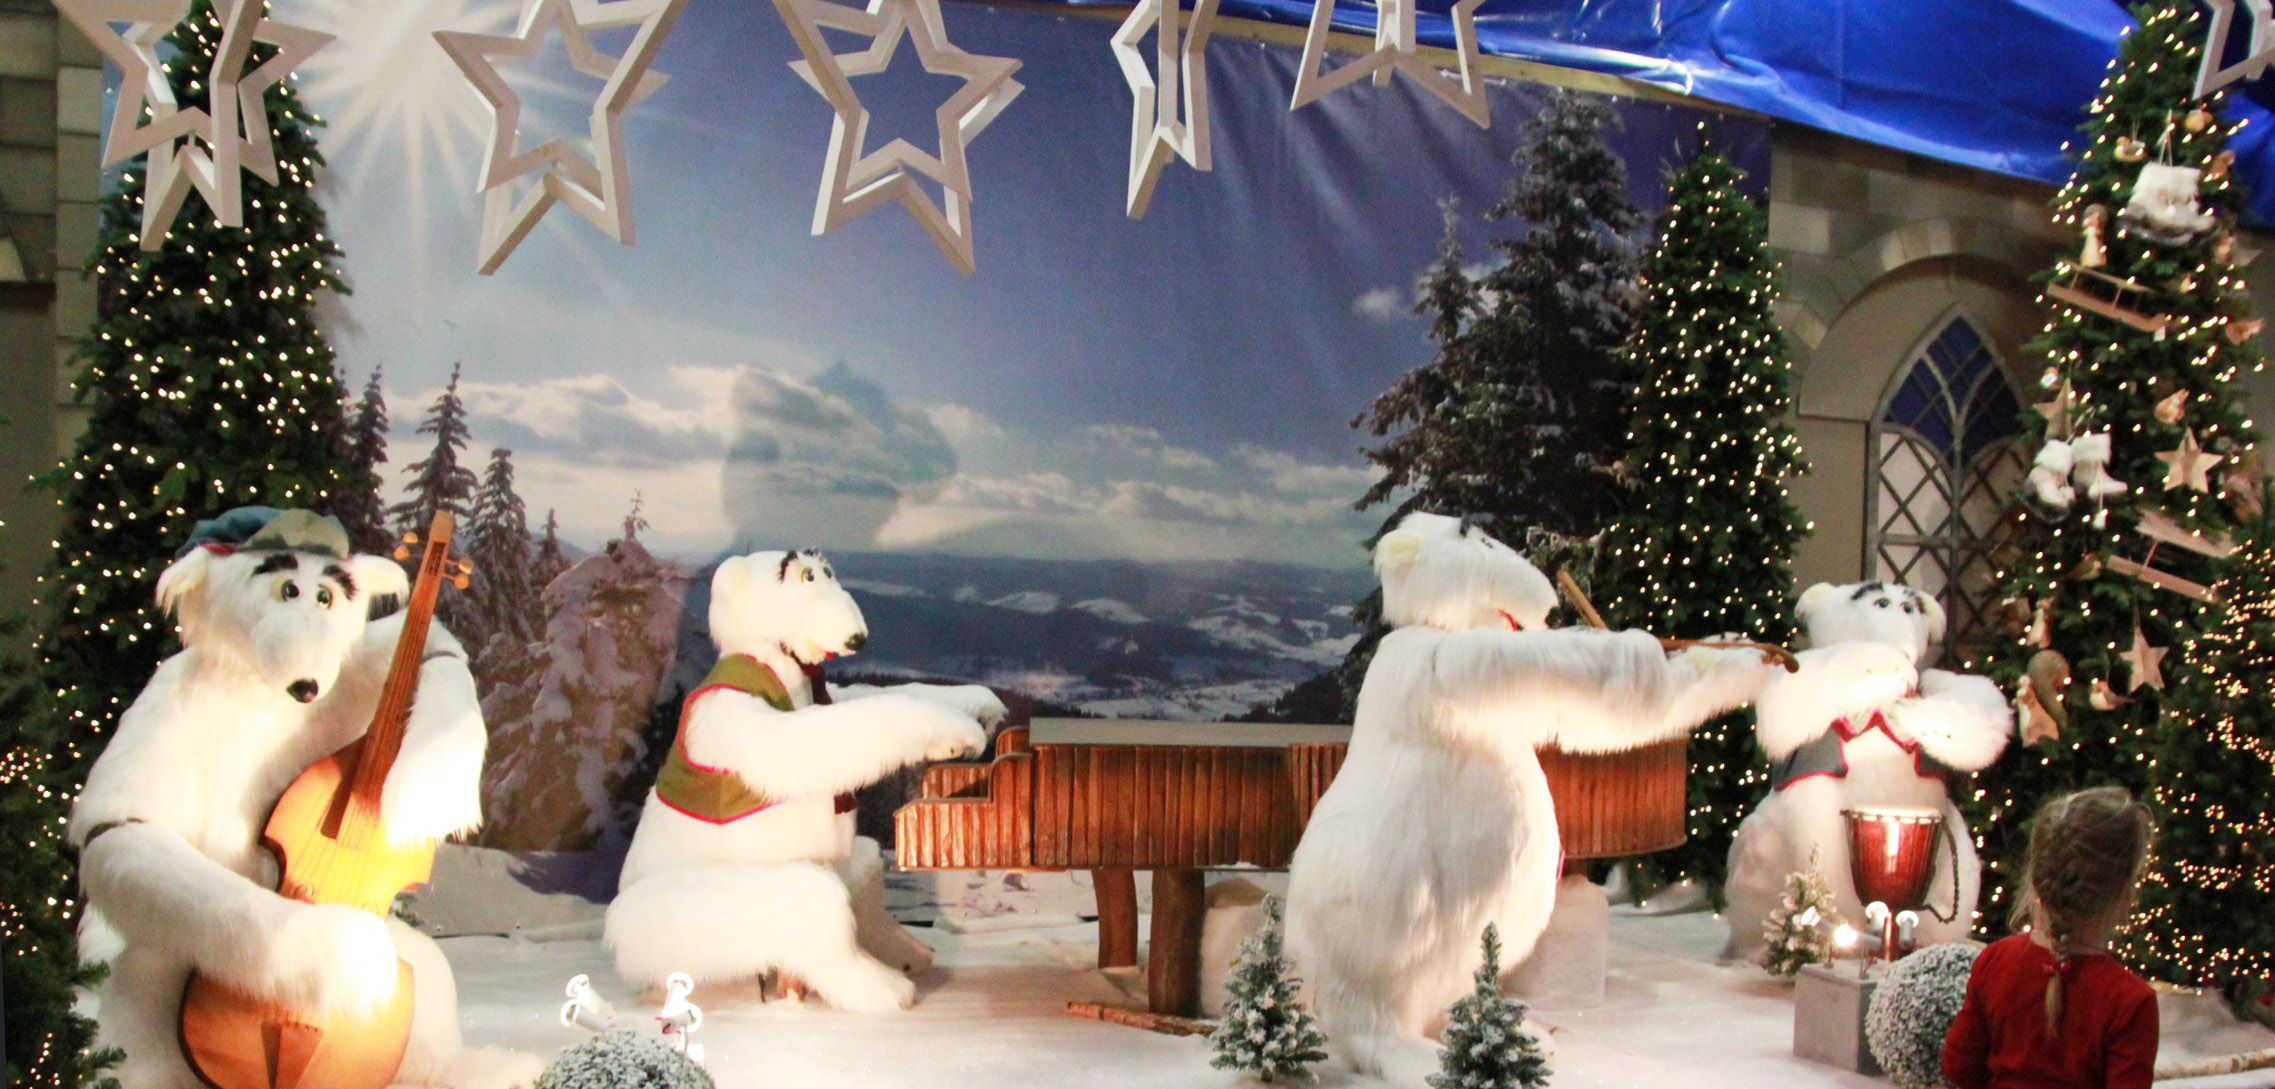 Een kindvriendelijke kerstshow bij eurofleur in leusden